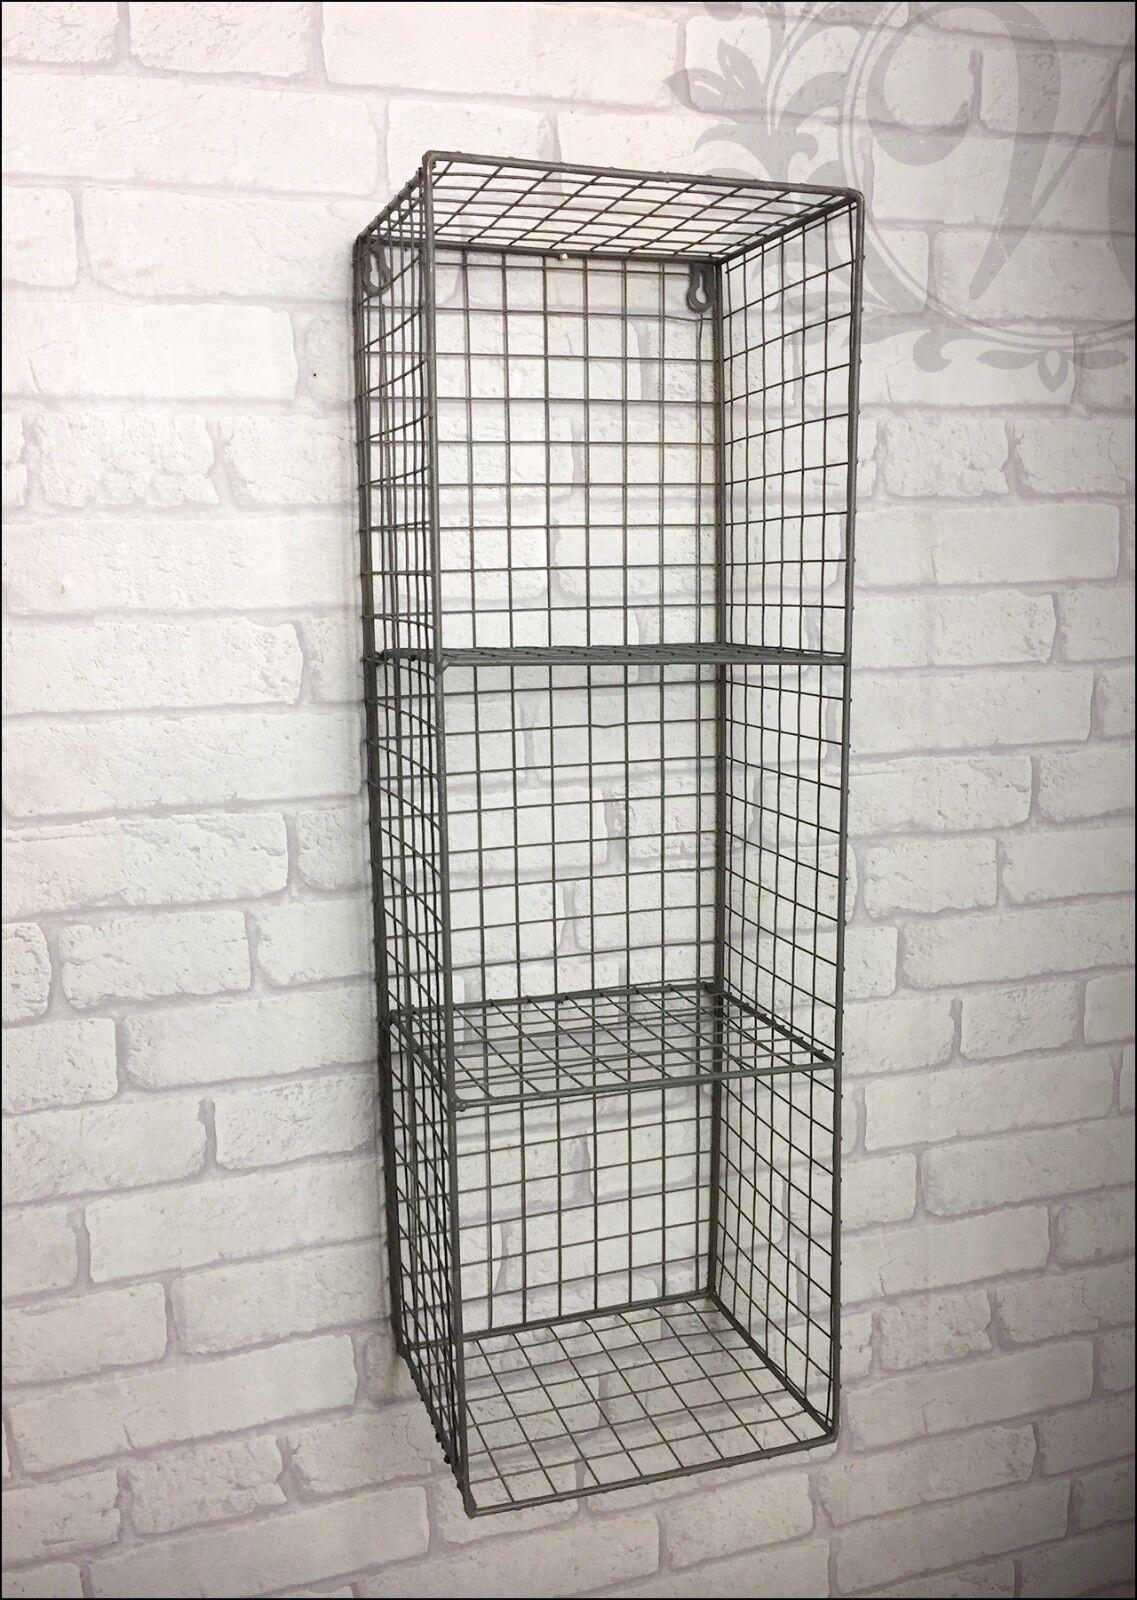 Retro Vintage Industrial Style Metal Shelf Rack Storage